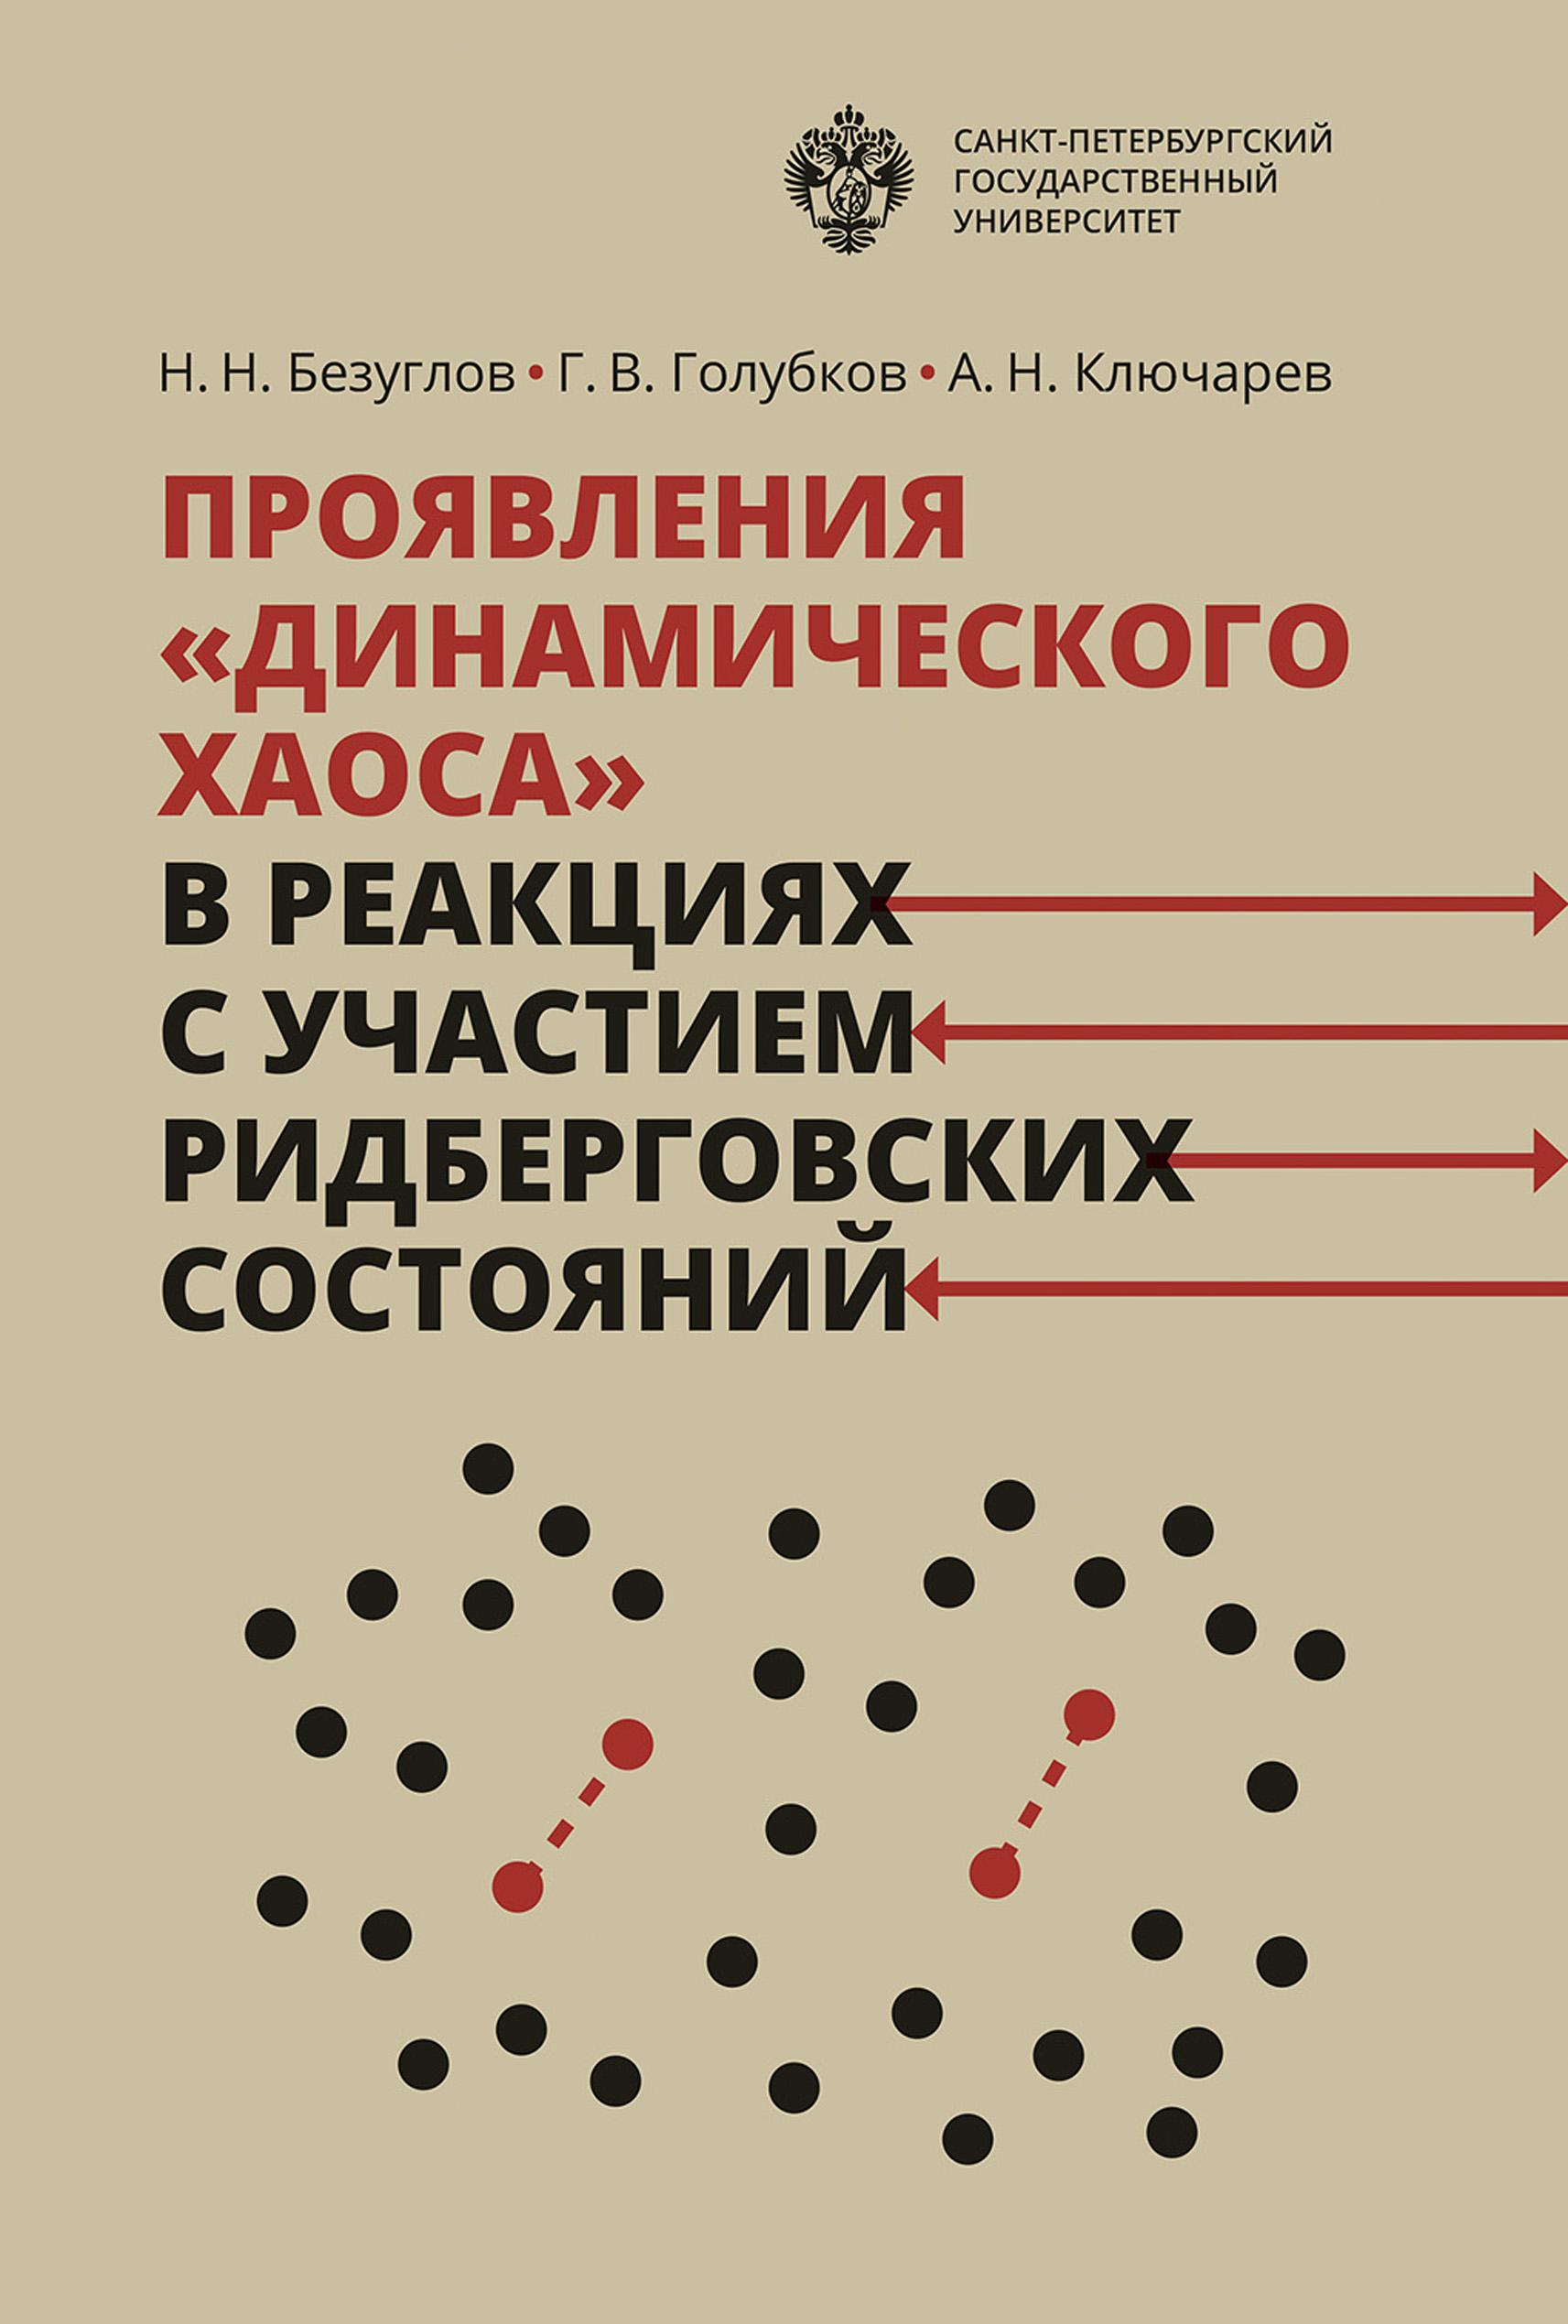 Купить книгу Проявления «динамического хаоса» в реакциях с участием ридберговских состояний, автора А. Н. Ключарева